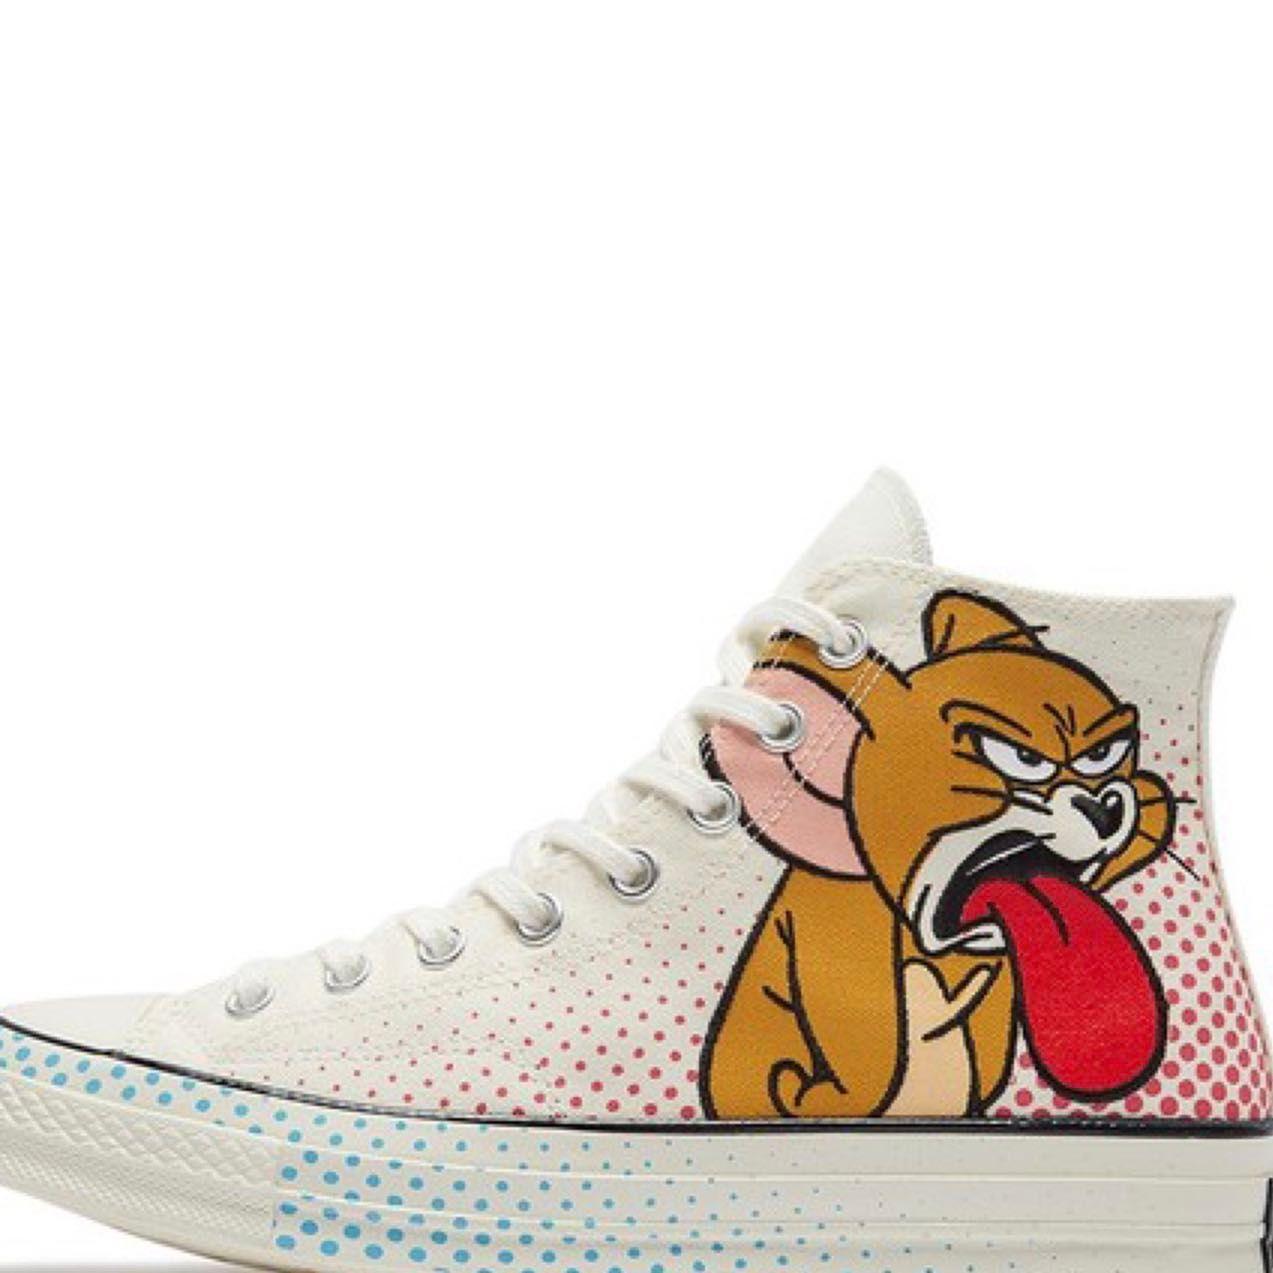 Scarpe di tela Tom e Jerry casuale del progettista della tela di canapa dei pattini correnti Skateboard Sneakers scarpe High-top tela Dimensioni 35-41